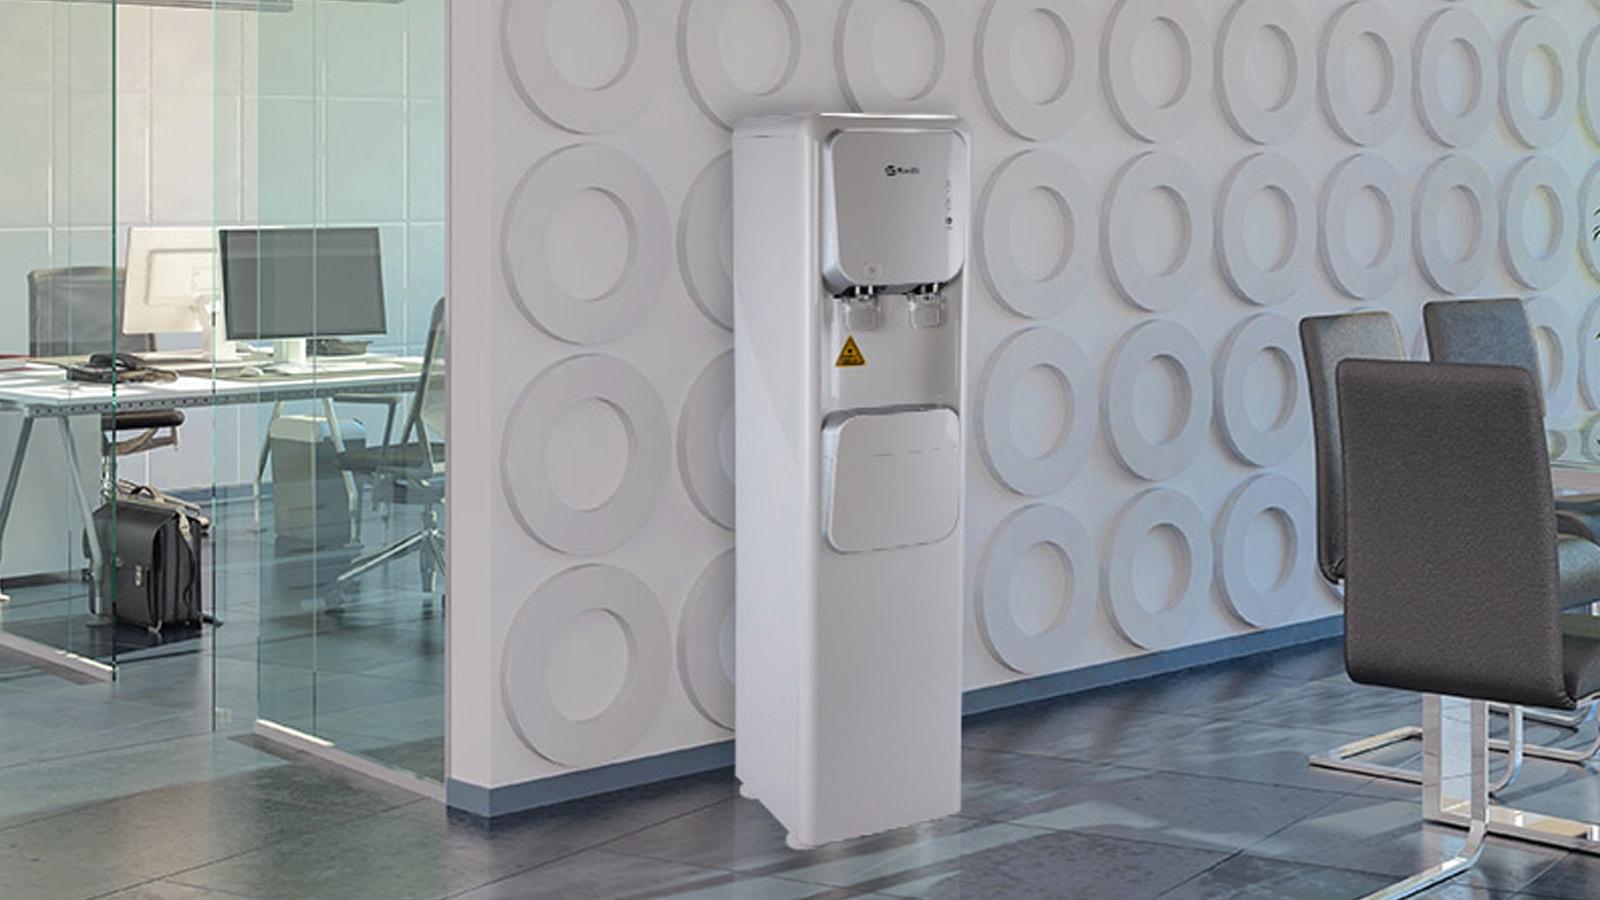 Ofis Ortamlarında Su Arıtma Cihazı Kullanmanın Avantajları